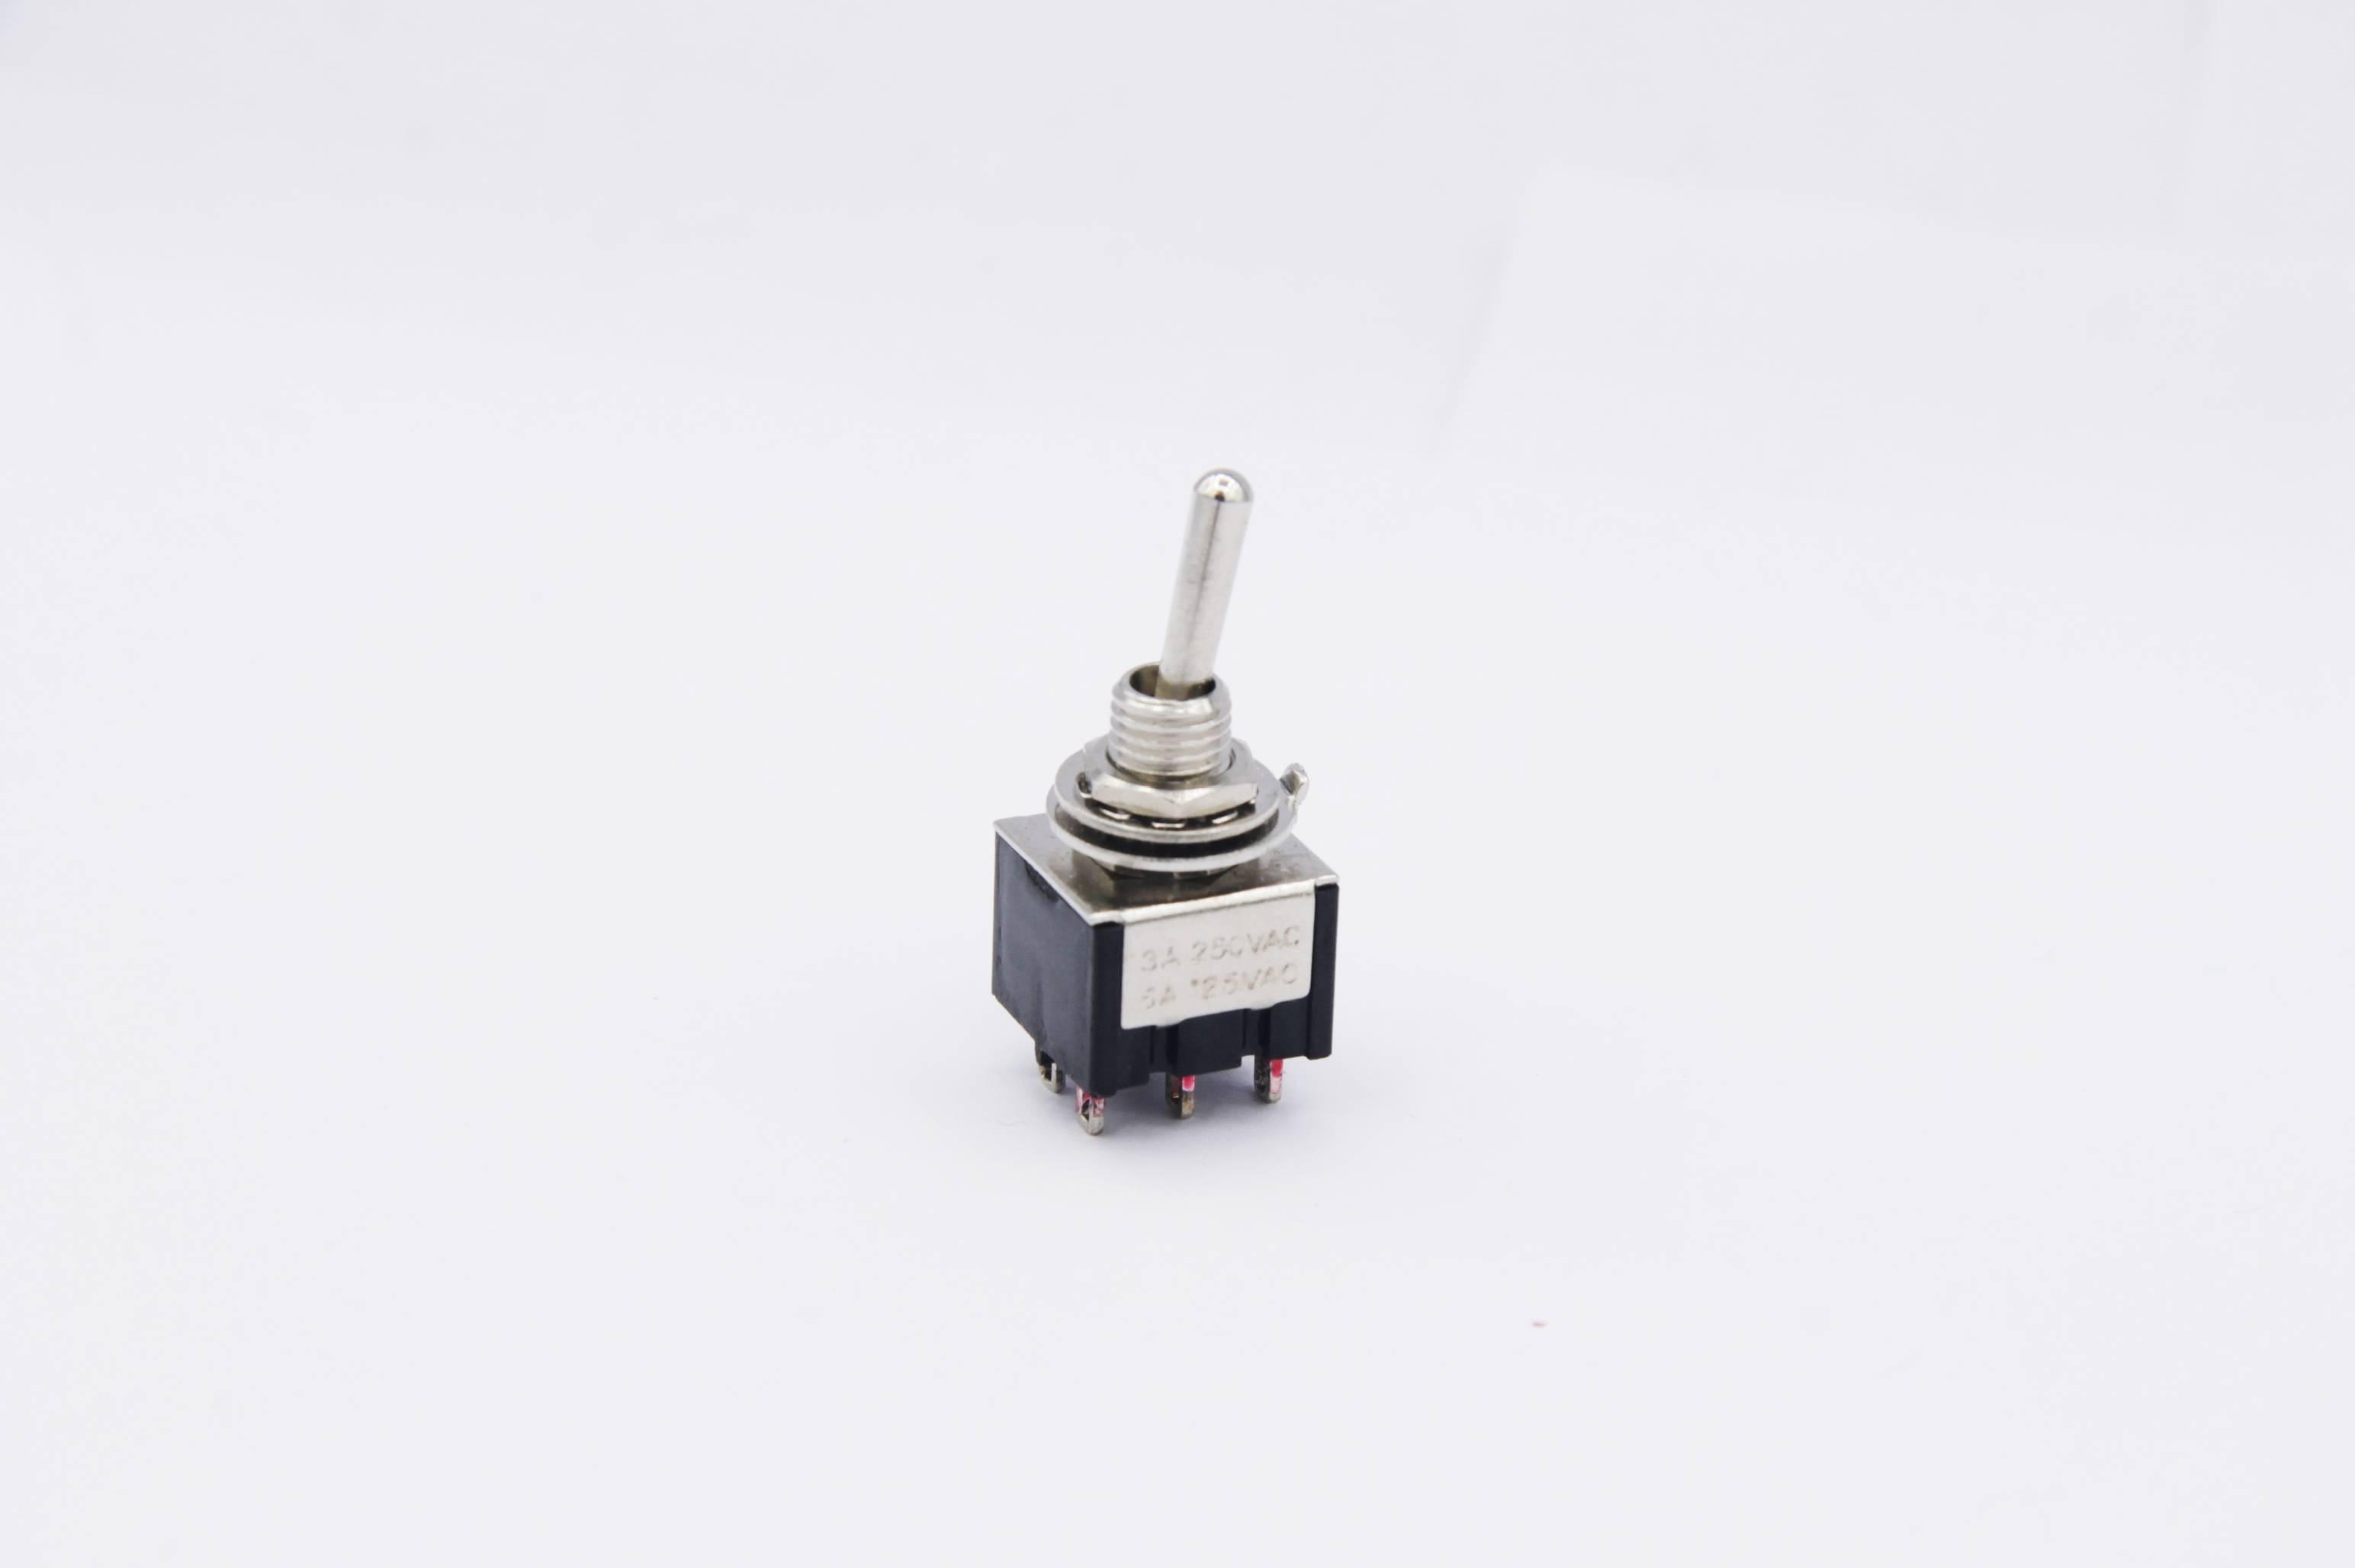 Miniatur Kippschalter 2x UM - 2 Schaltstellungen 2-polig (6 Pin) schwarz